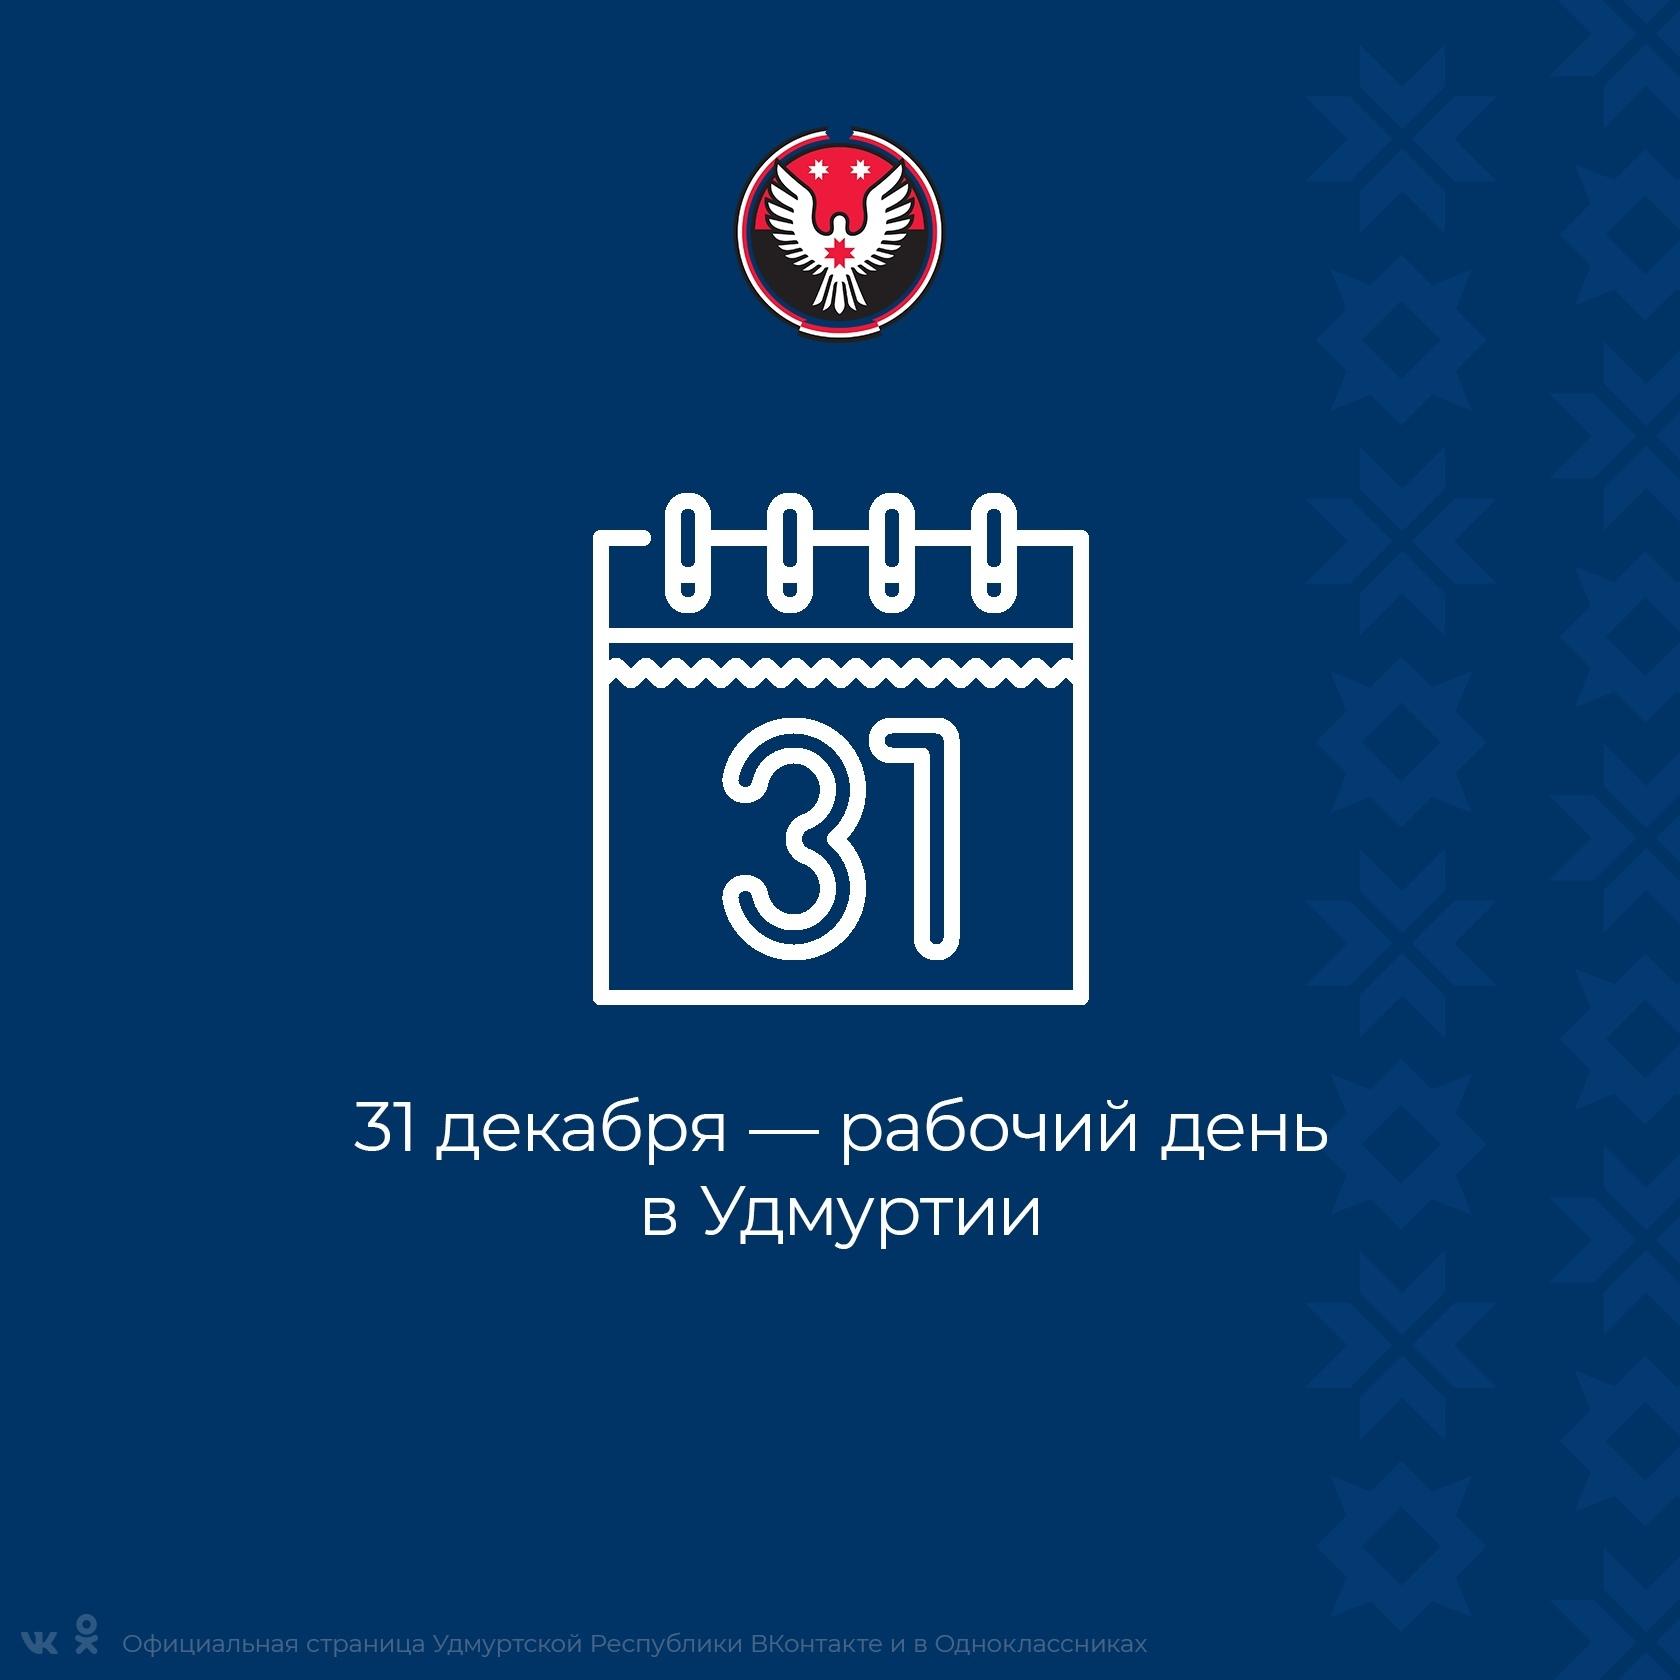 31 декабря будет рабочим днем в Удмуртии.